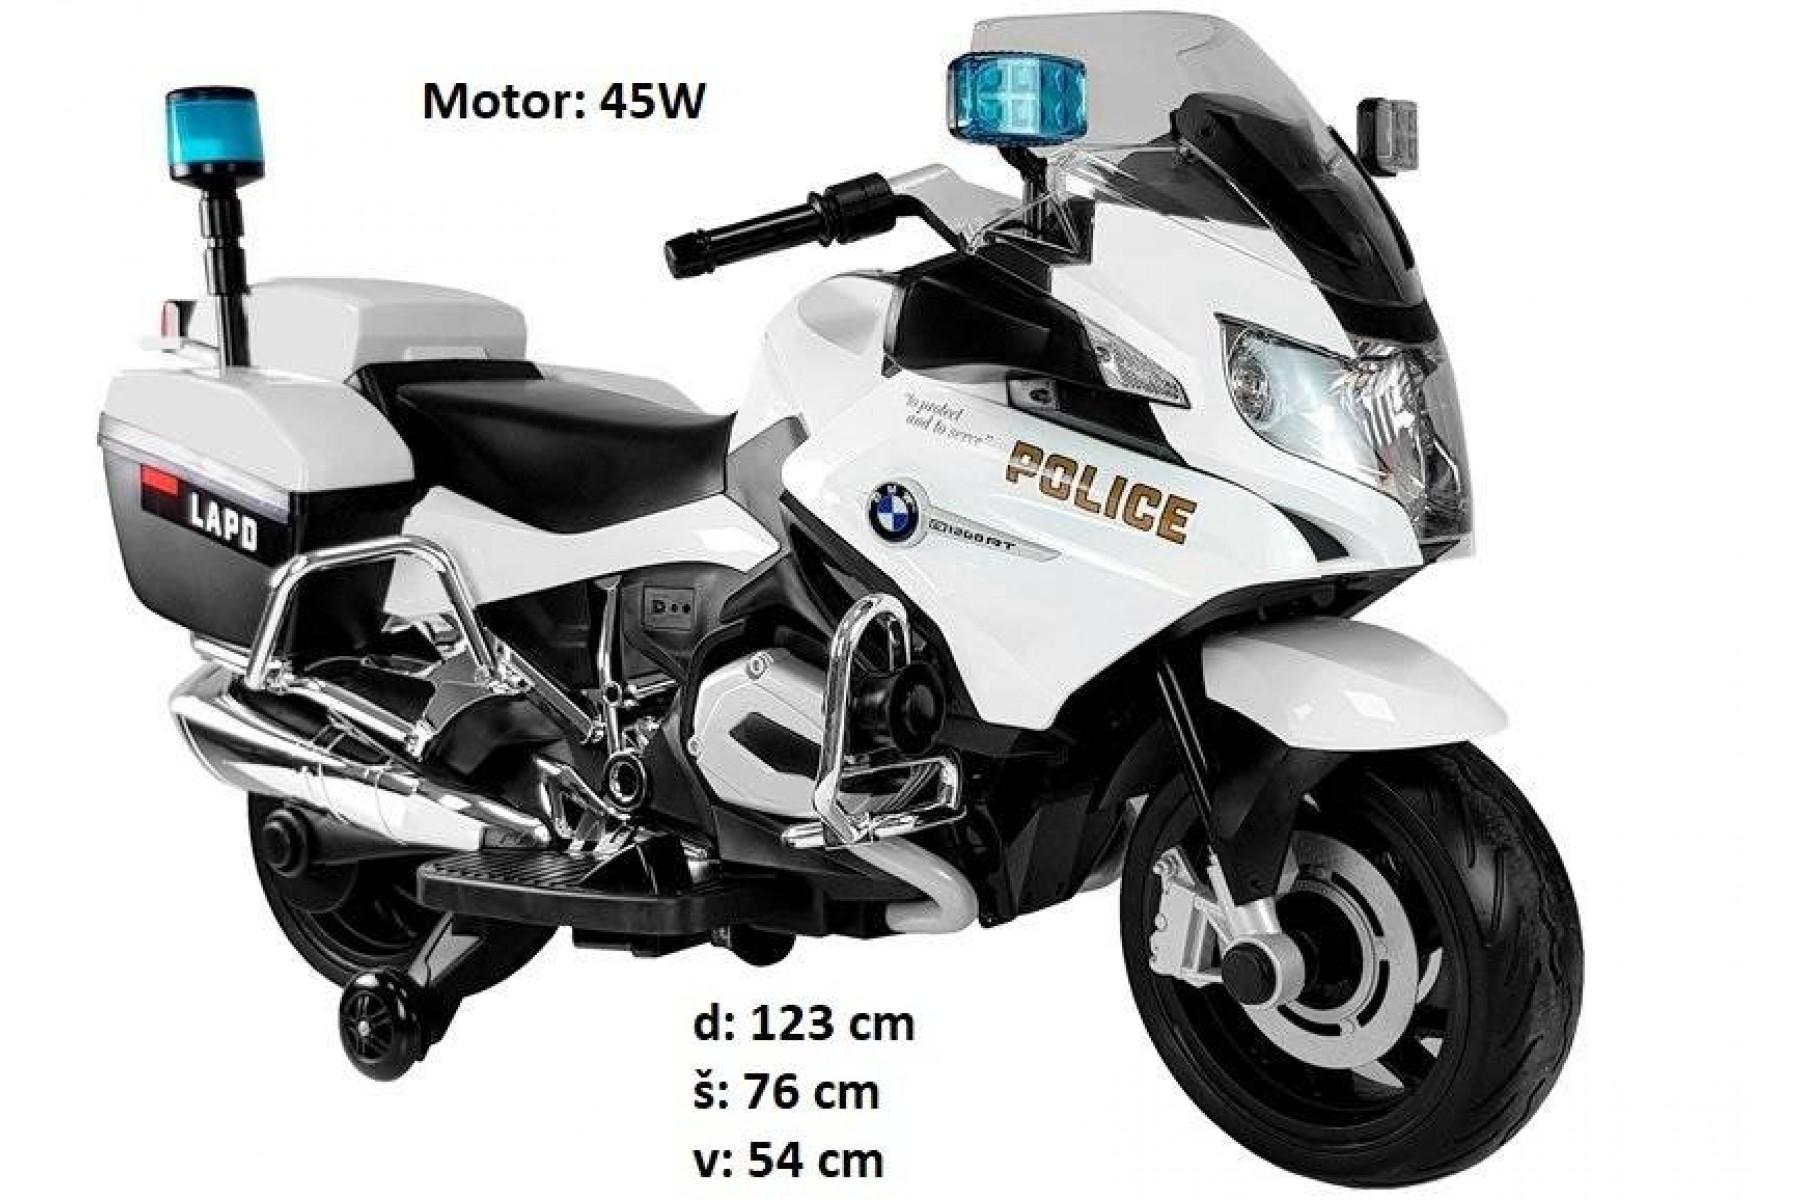 BMW OTROŠKI POLICIJSKI MOTOR 45W NA AKUMULATOR (bel)